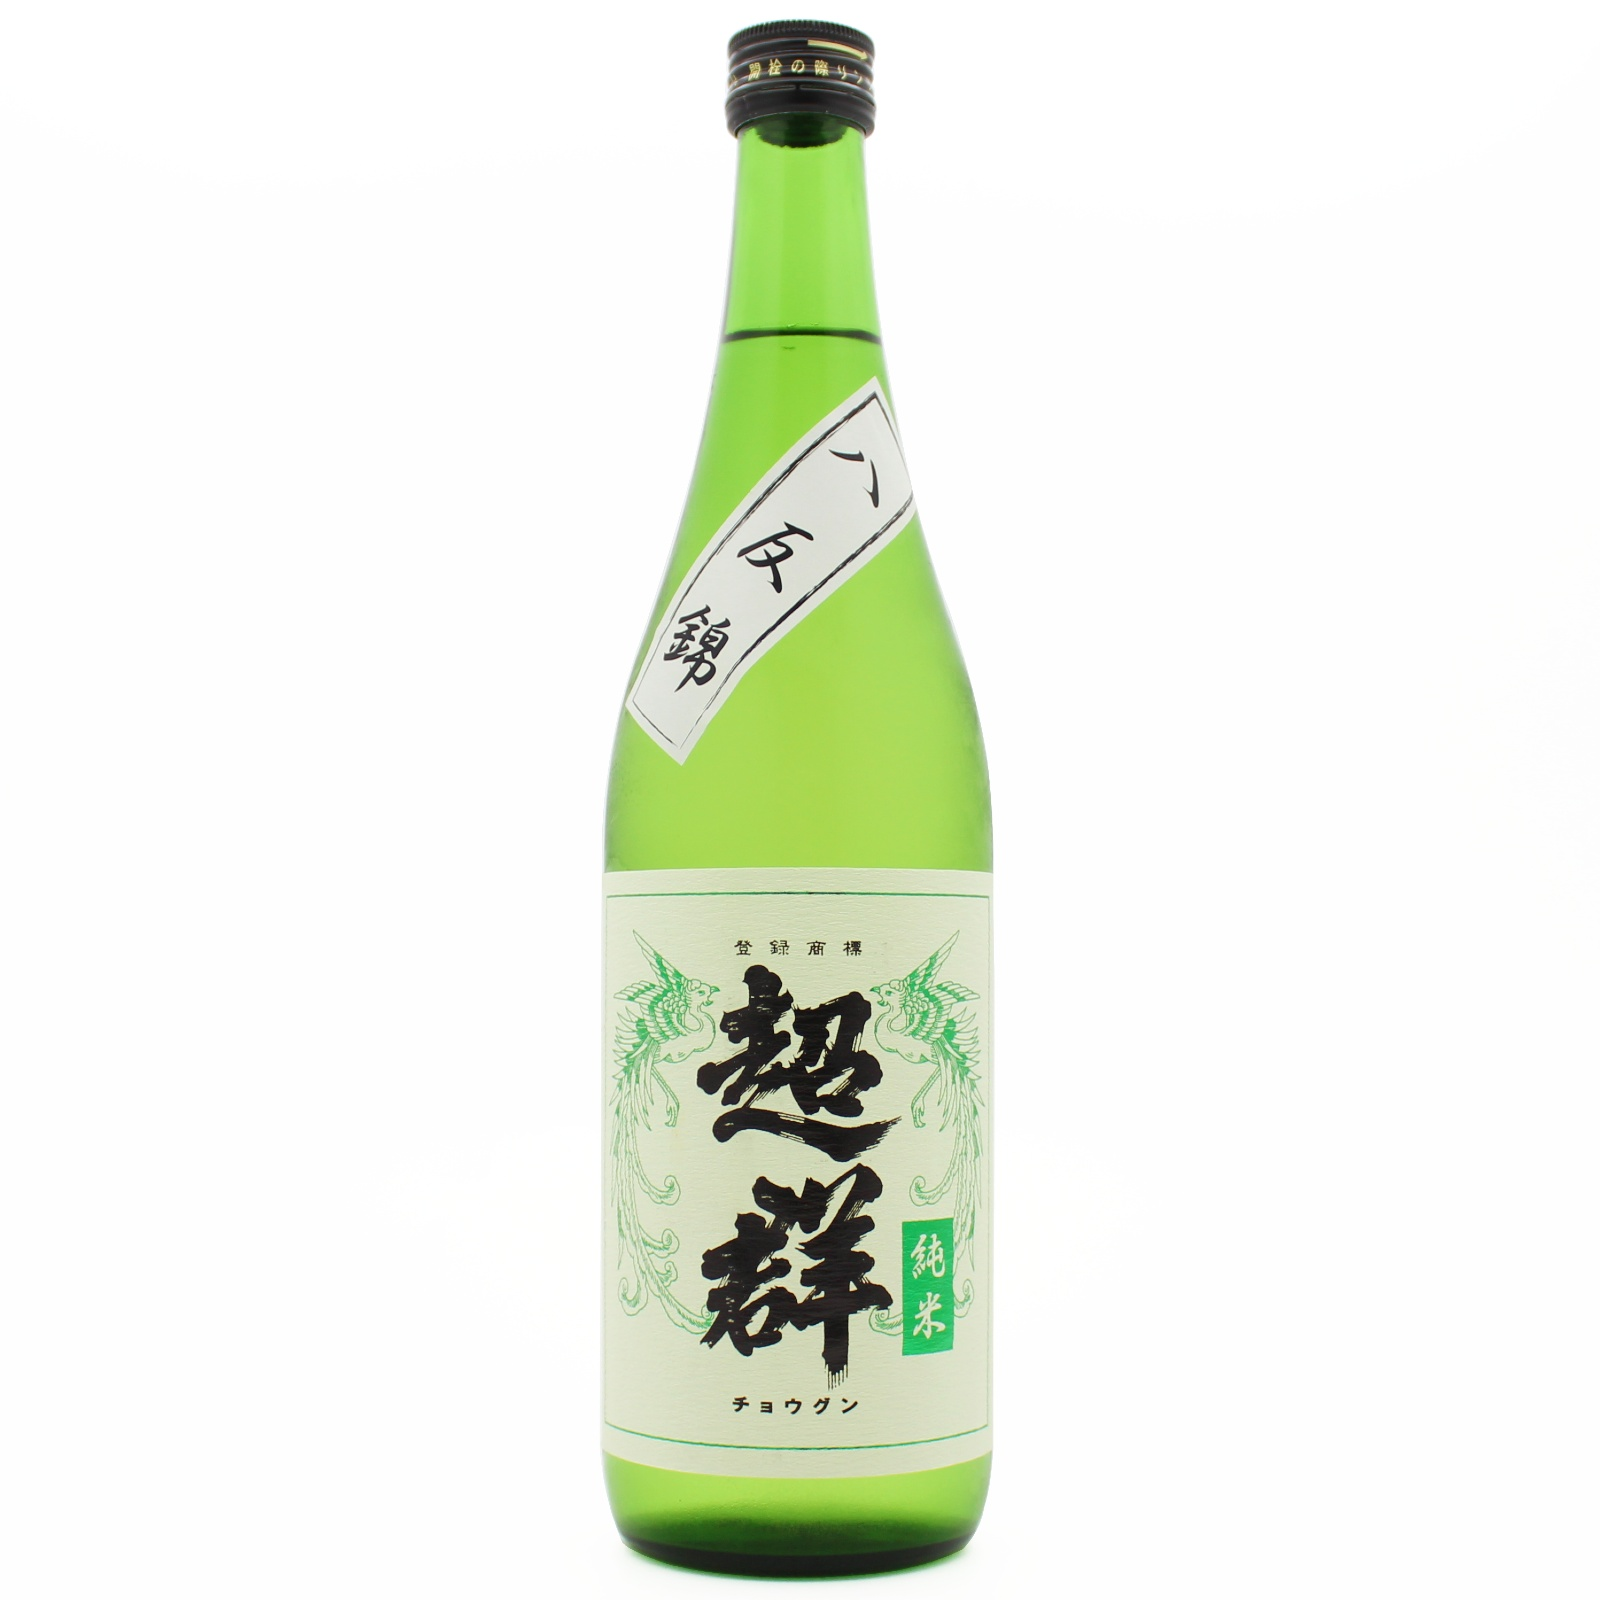 超群 純米酒 八反錦